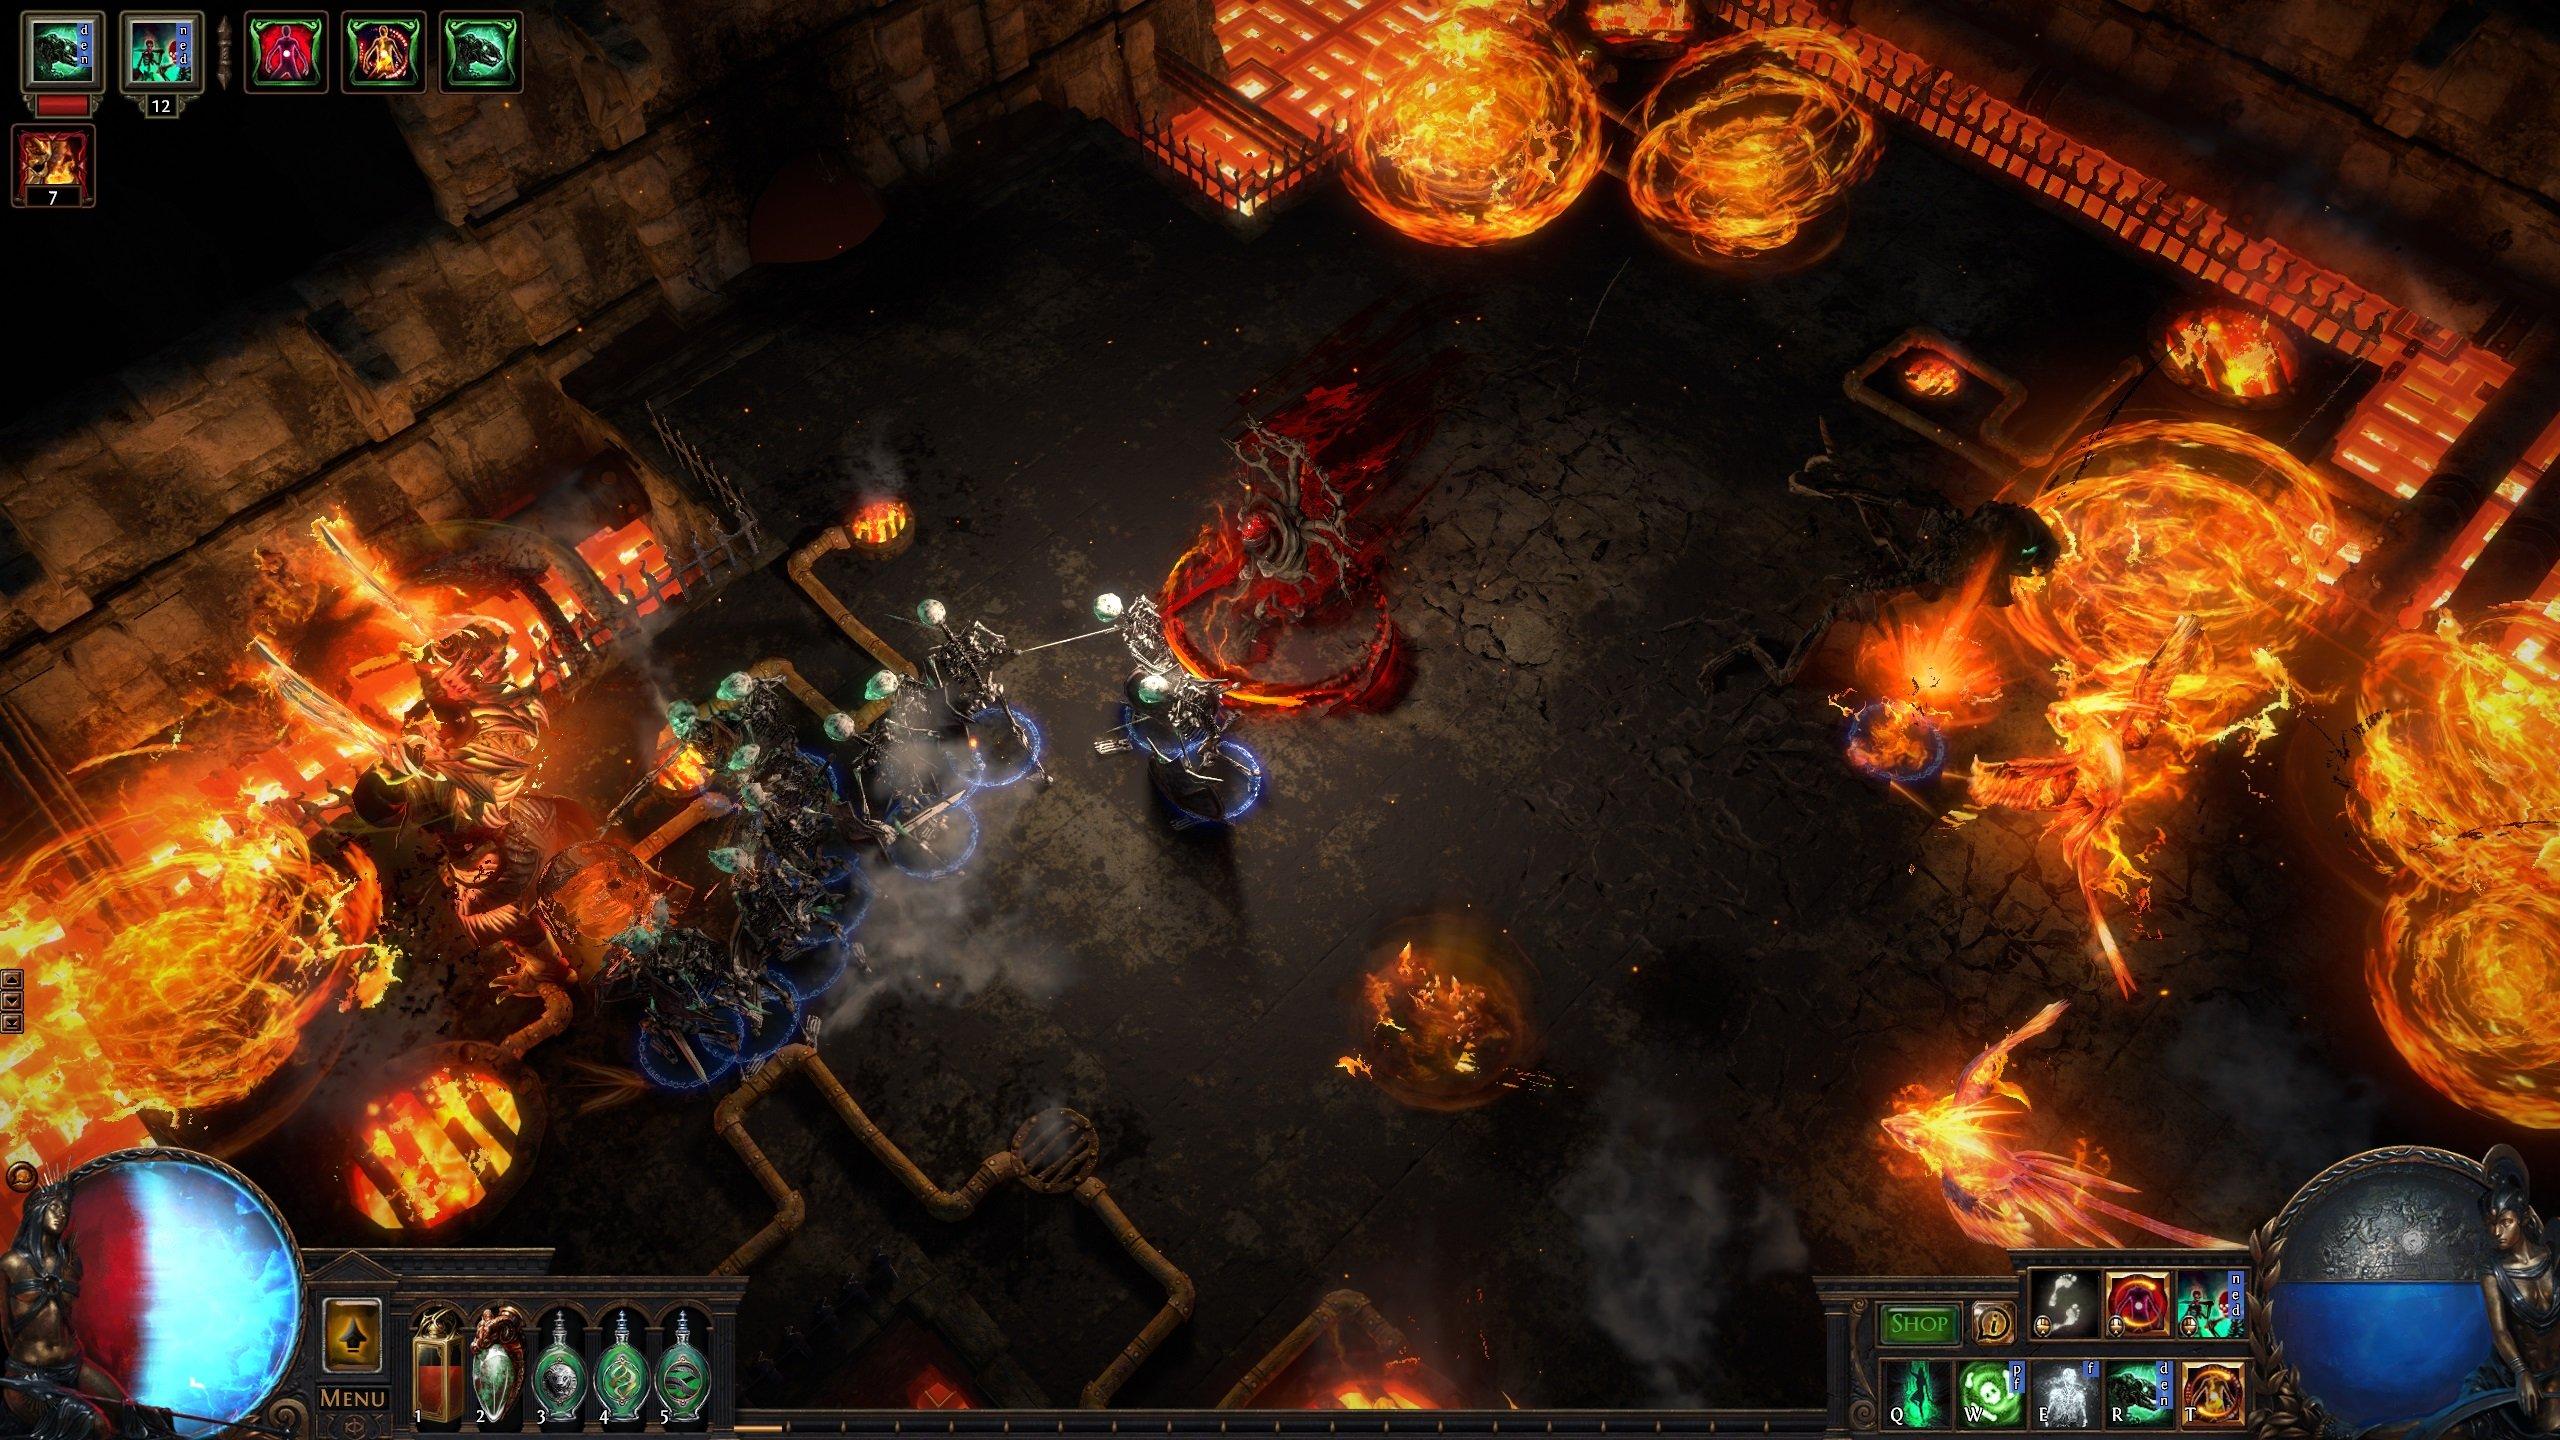 Path of Exile 3.8.0 fügt eine turmverteidigende Blight-Liga hinzu 4